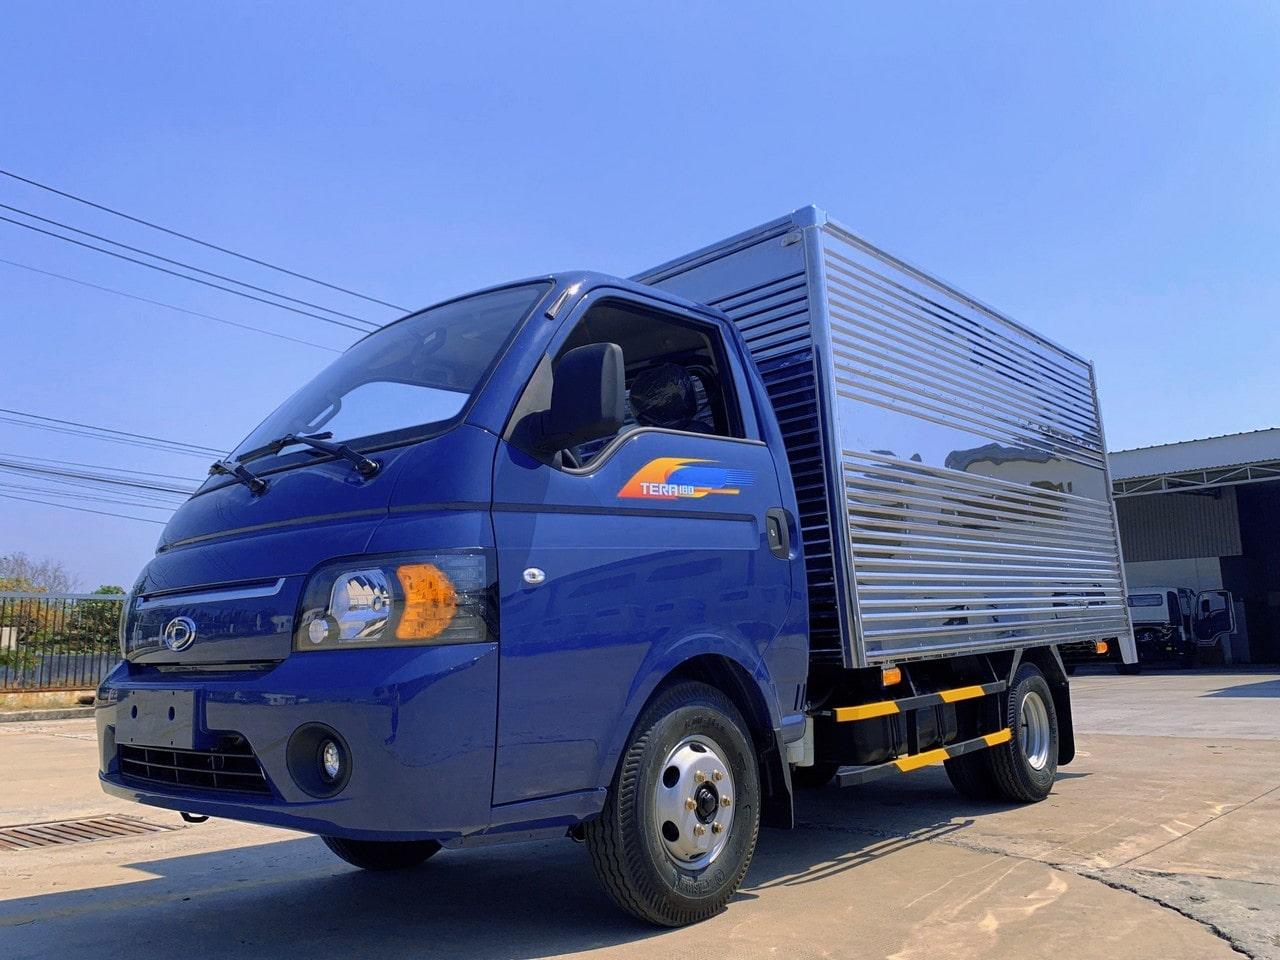 Ngoại thất xe tải Tera 180